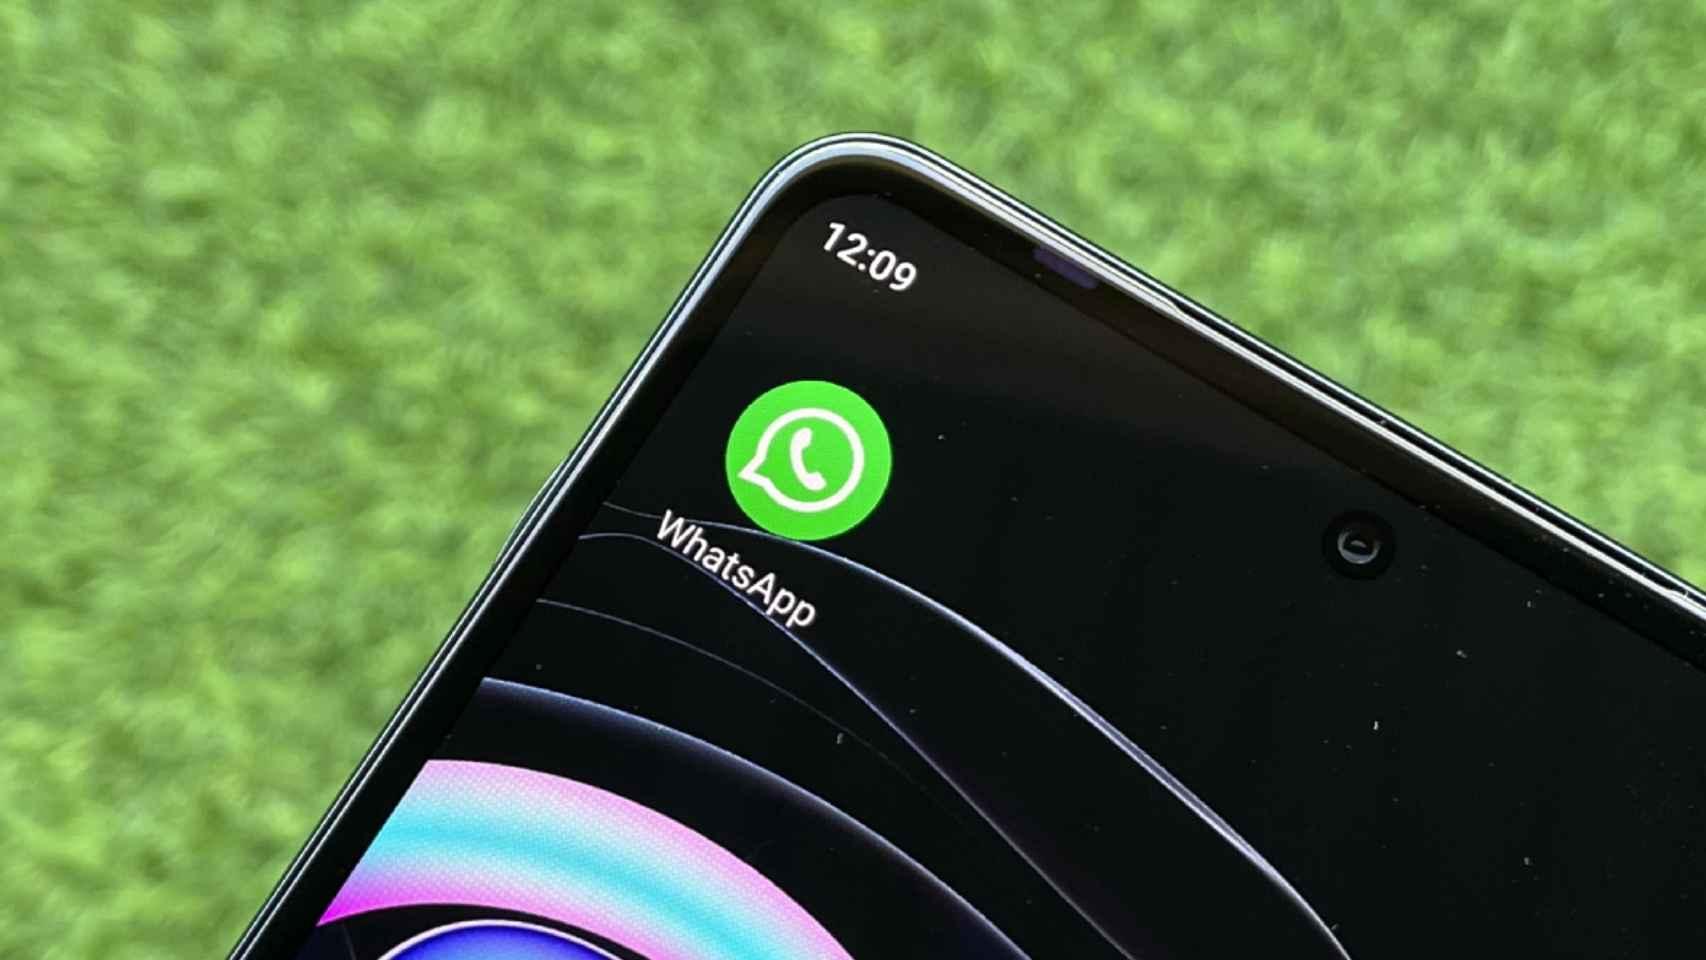 El truco de WhatsApp para bloquear a un contacto sin tener que dejarle en visto